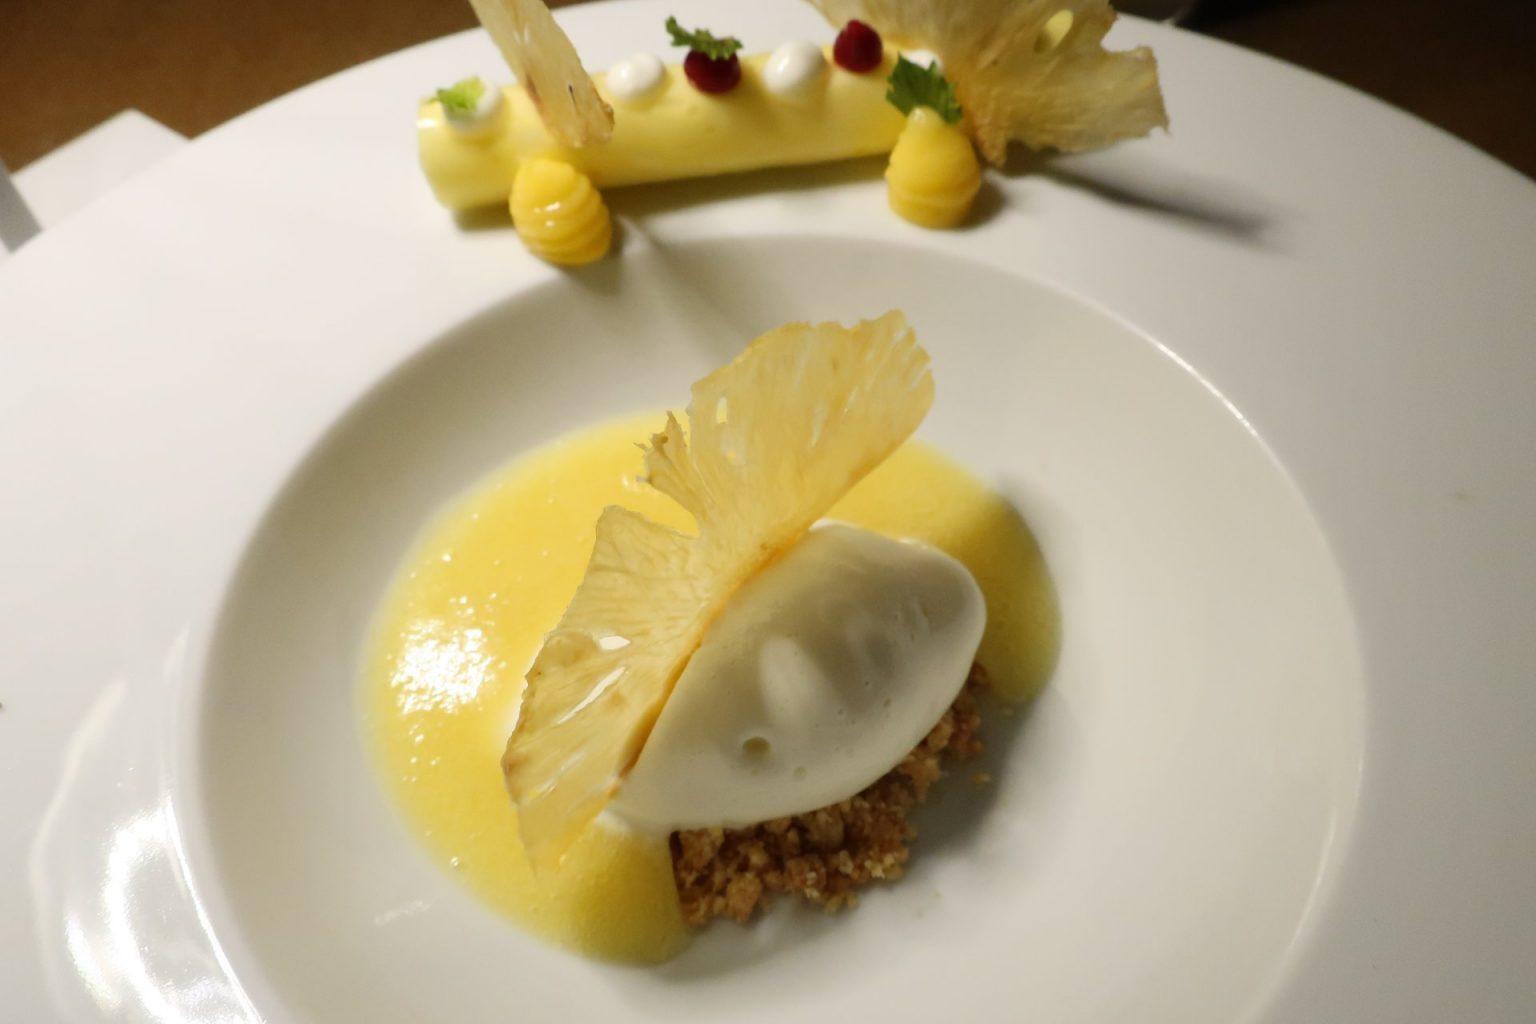 Ananas e maraschino, Caracol.